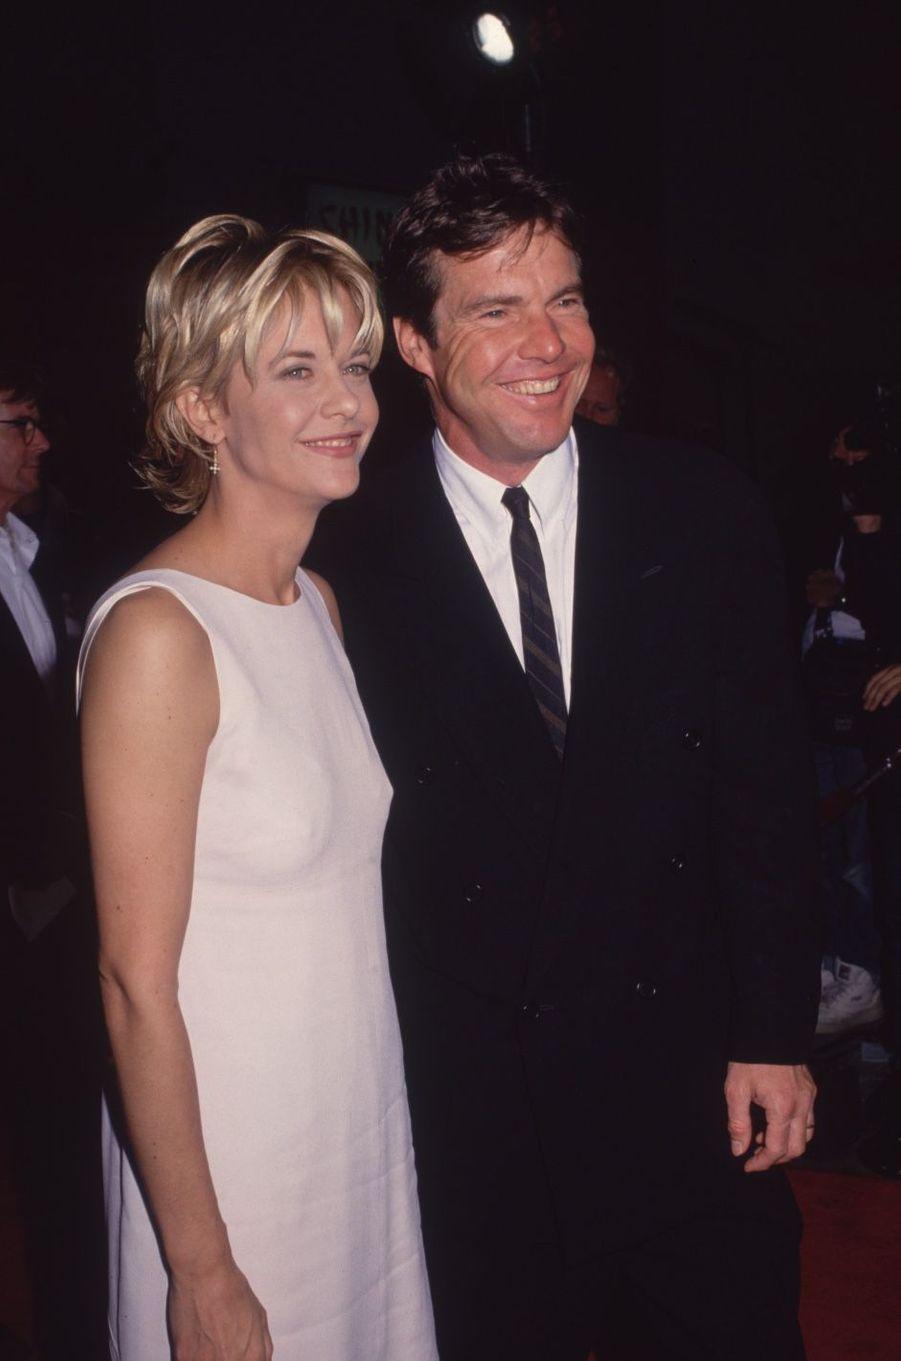 Dennis Quaid et Meg Ryan en 1995. Ils ont été mariés de 1991 à 2001.